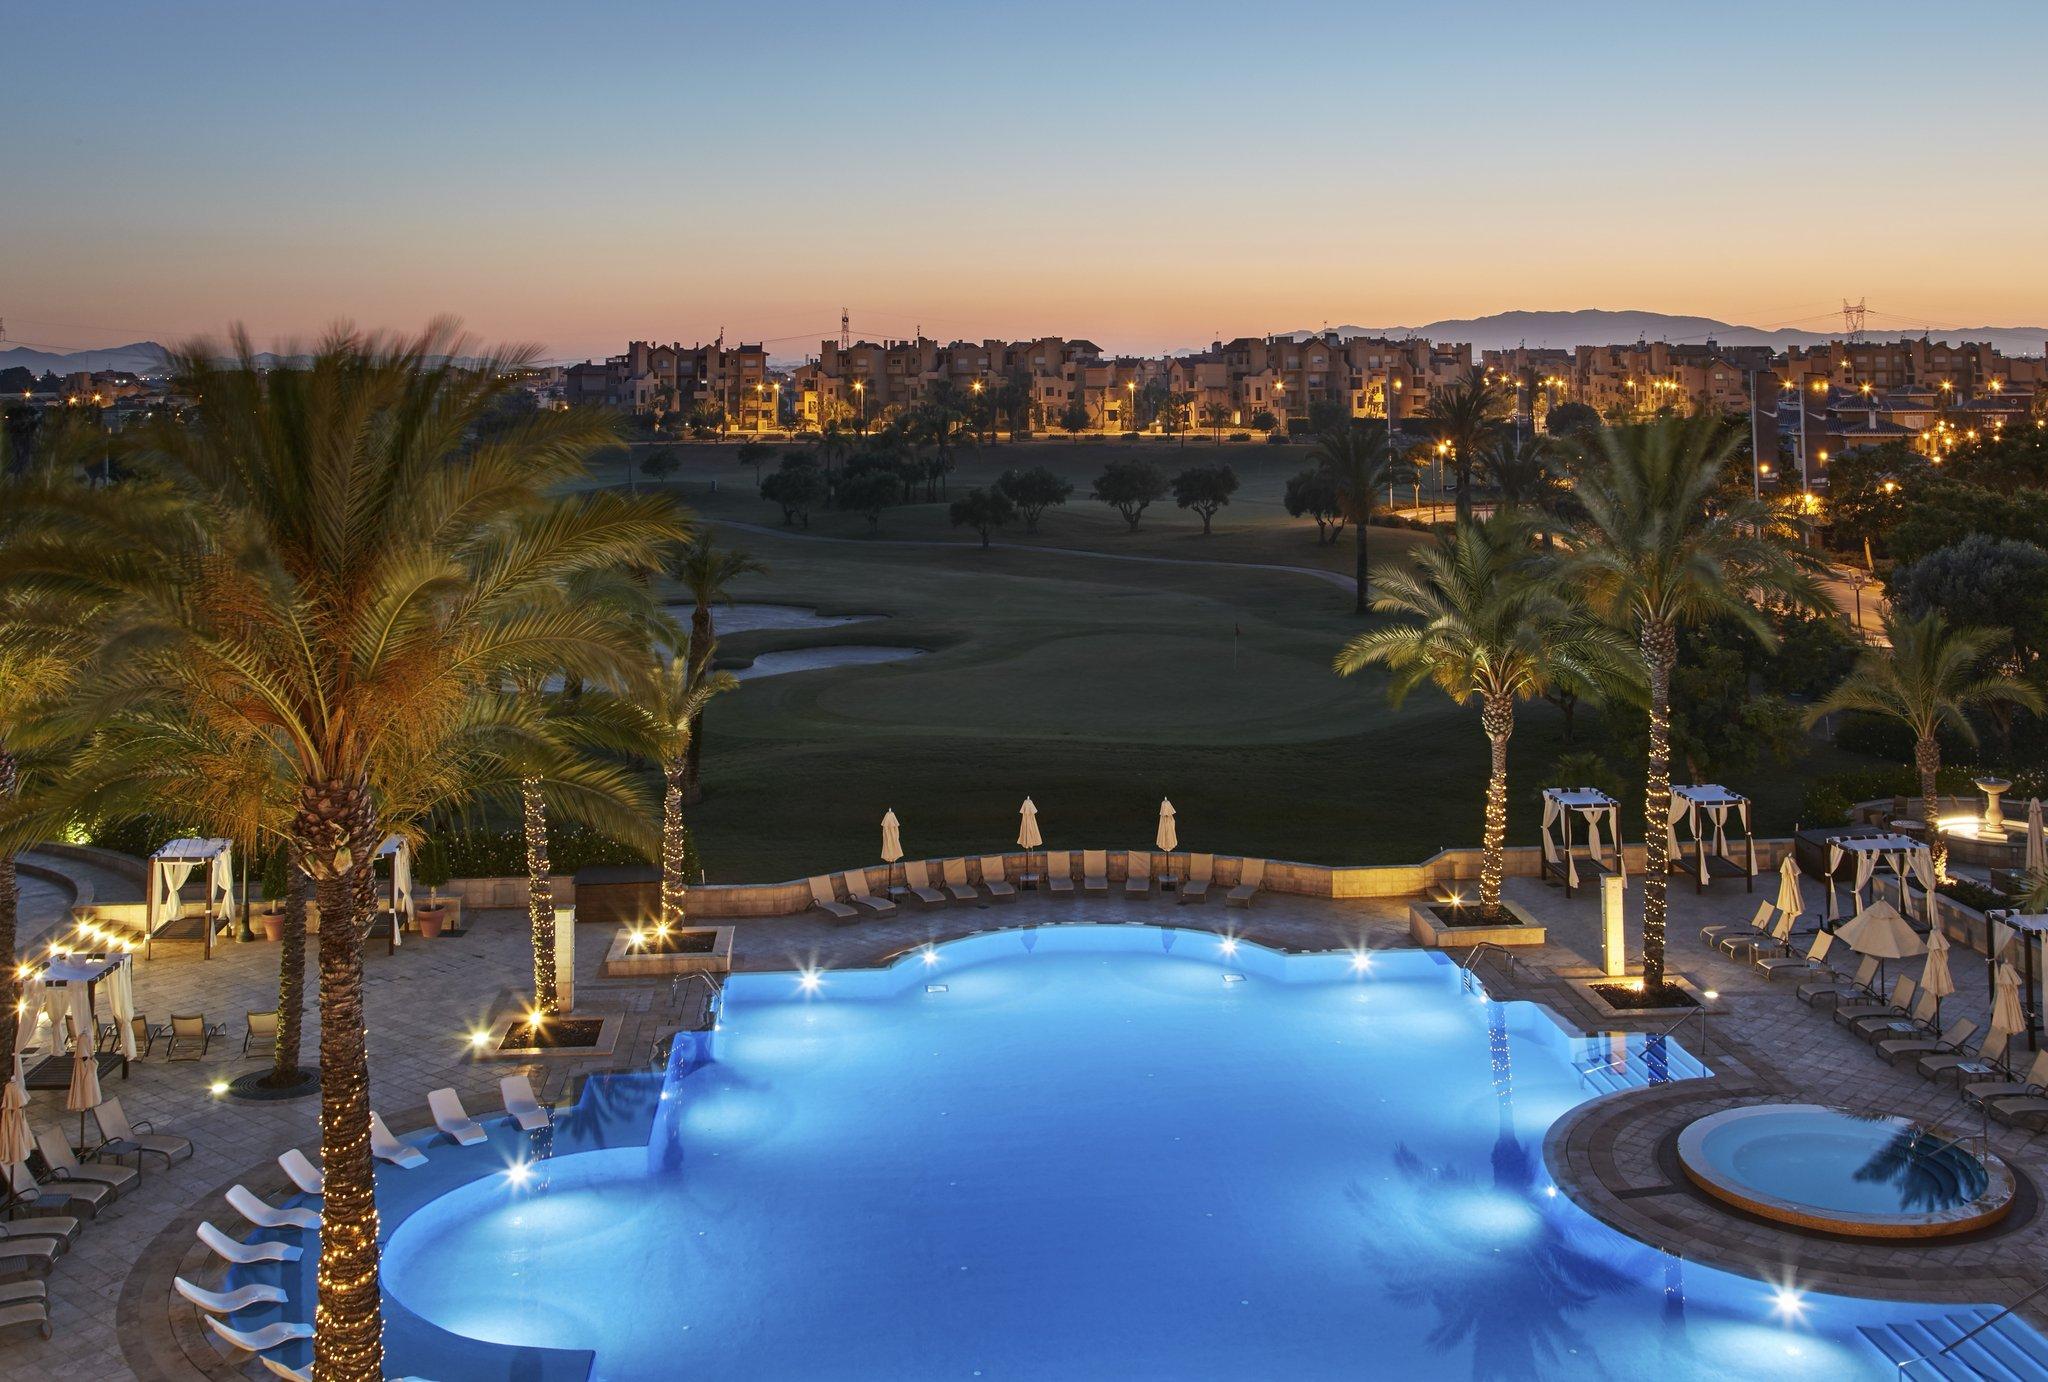 InterContinental Mar Menor Golf Resort